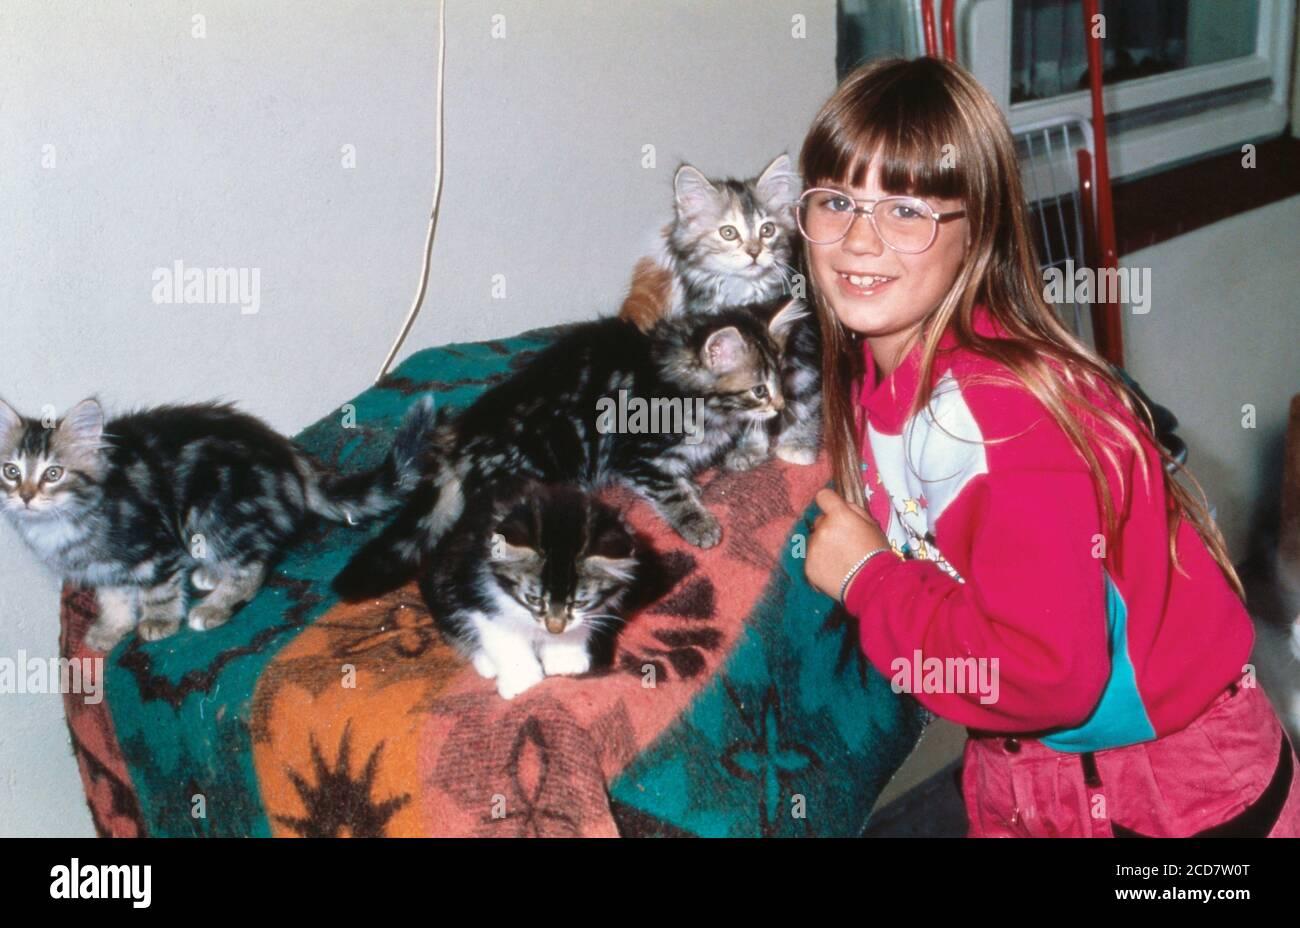 Bildreportage: Linn Westedt spielt mit kleinen Katzen. Stock Photo